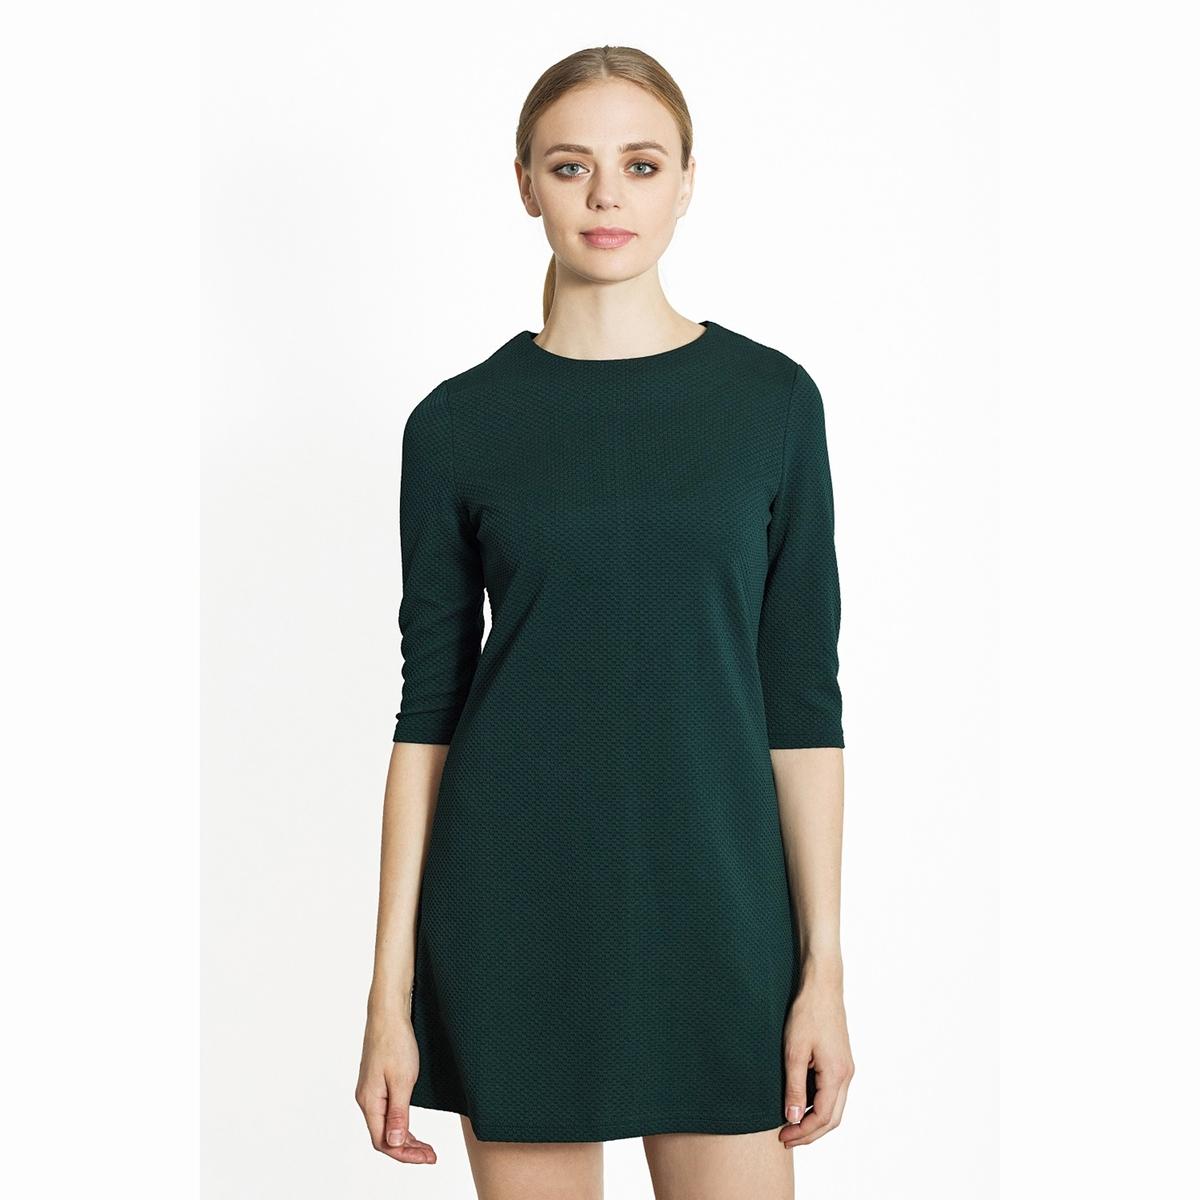 Платье короткоеКороткое платье с рукавами 3/4.  Круглый вырез. Состав и описаниеМатериалы: 100% полиэстер.Марка: Migle+MeУходСледуйте рекомендациям по уходу, указанным на этикетке изделия.<br><br>Цвет: зеленый<br>Размер: L